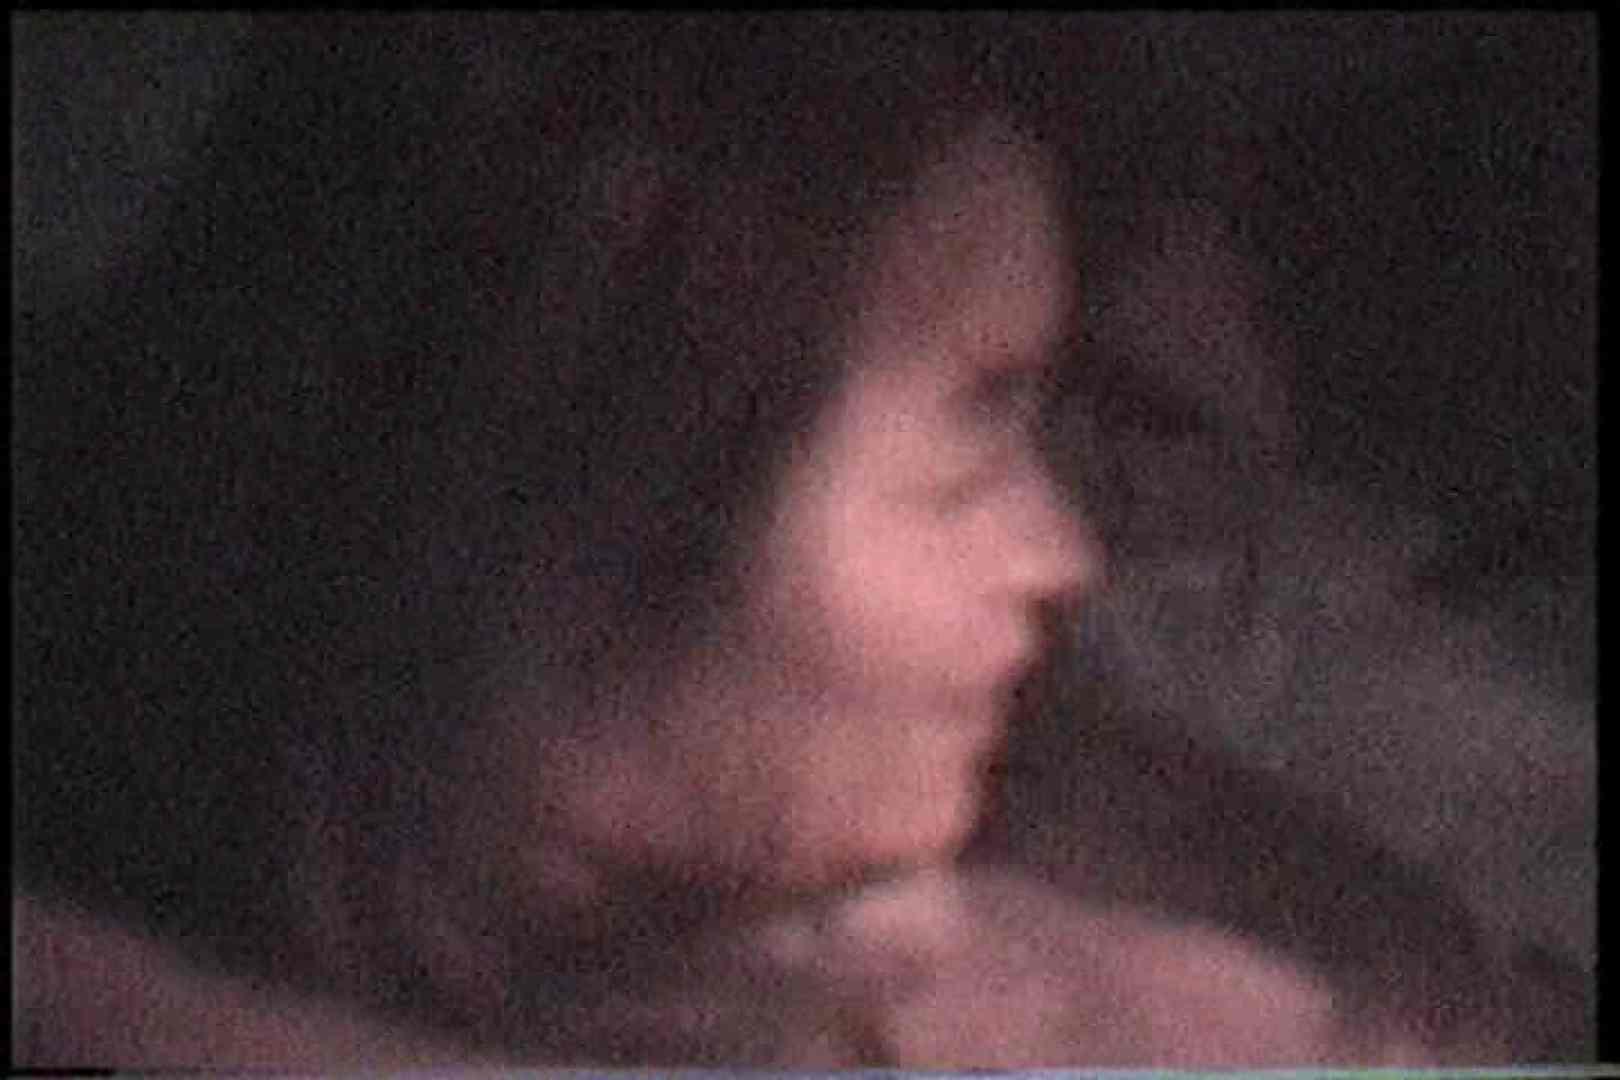 充血監督の深夜の運動会Vol.205 OLすけべ画像   丸見え  83連発 21